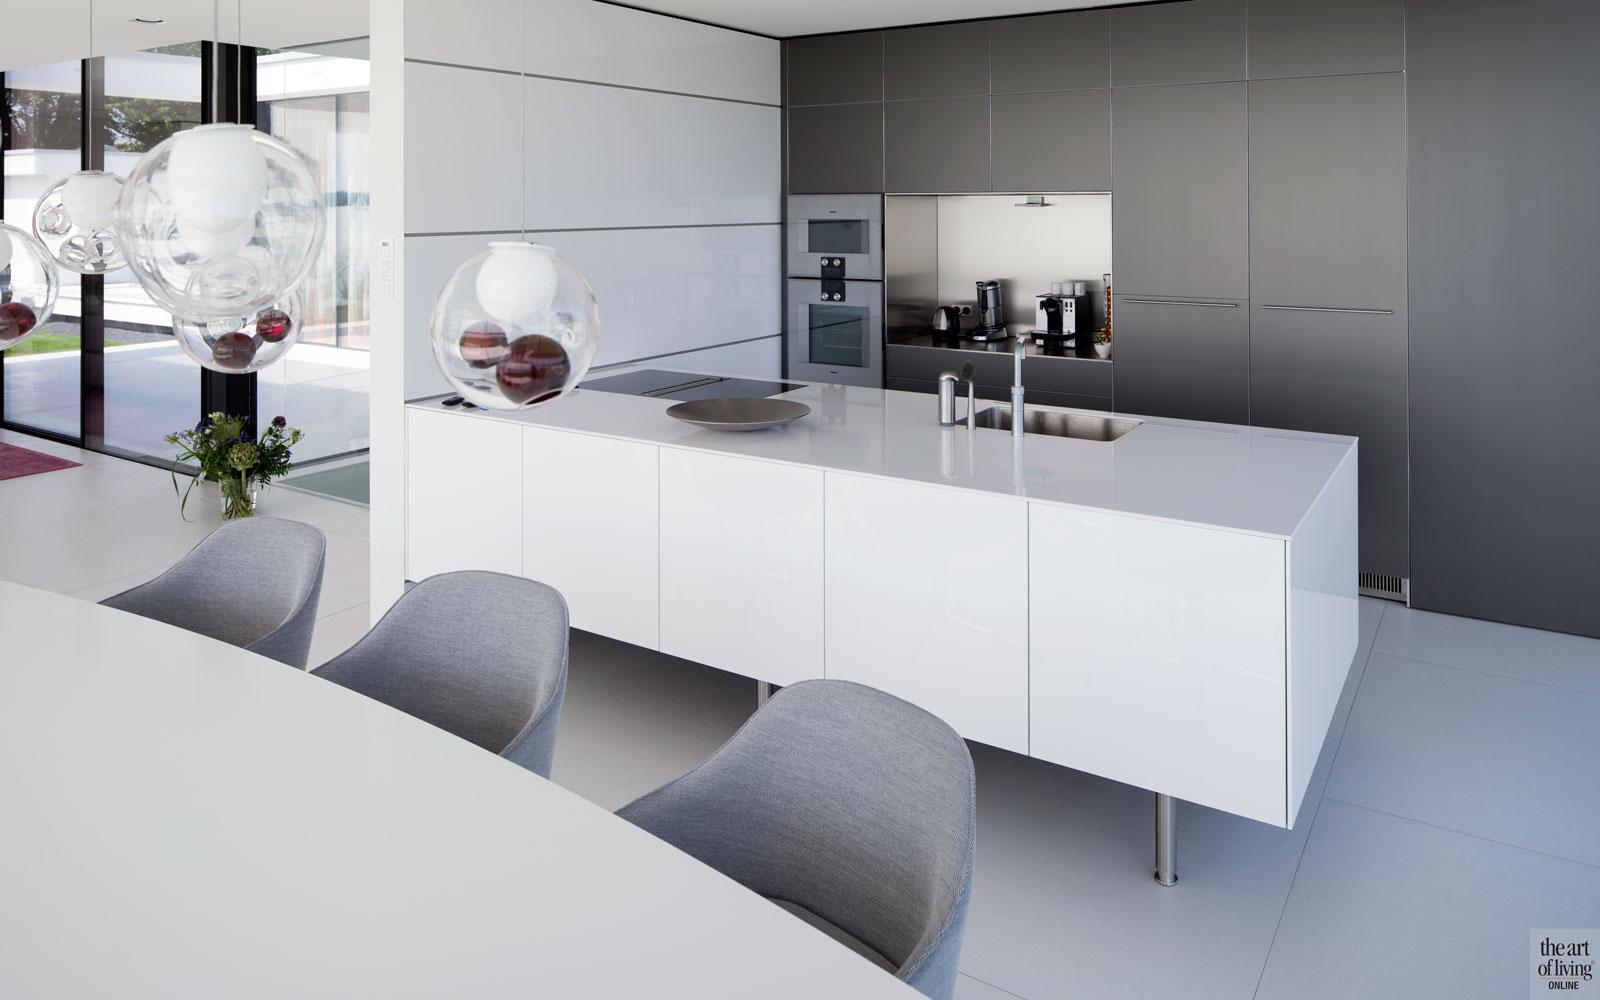 Keuken, strak, wit, maatwerk, Bulthaup, kraan, Quooker, villa aan het water, Lab32 architecten